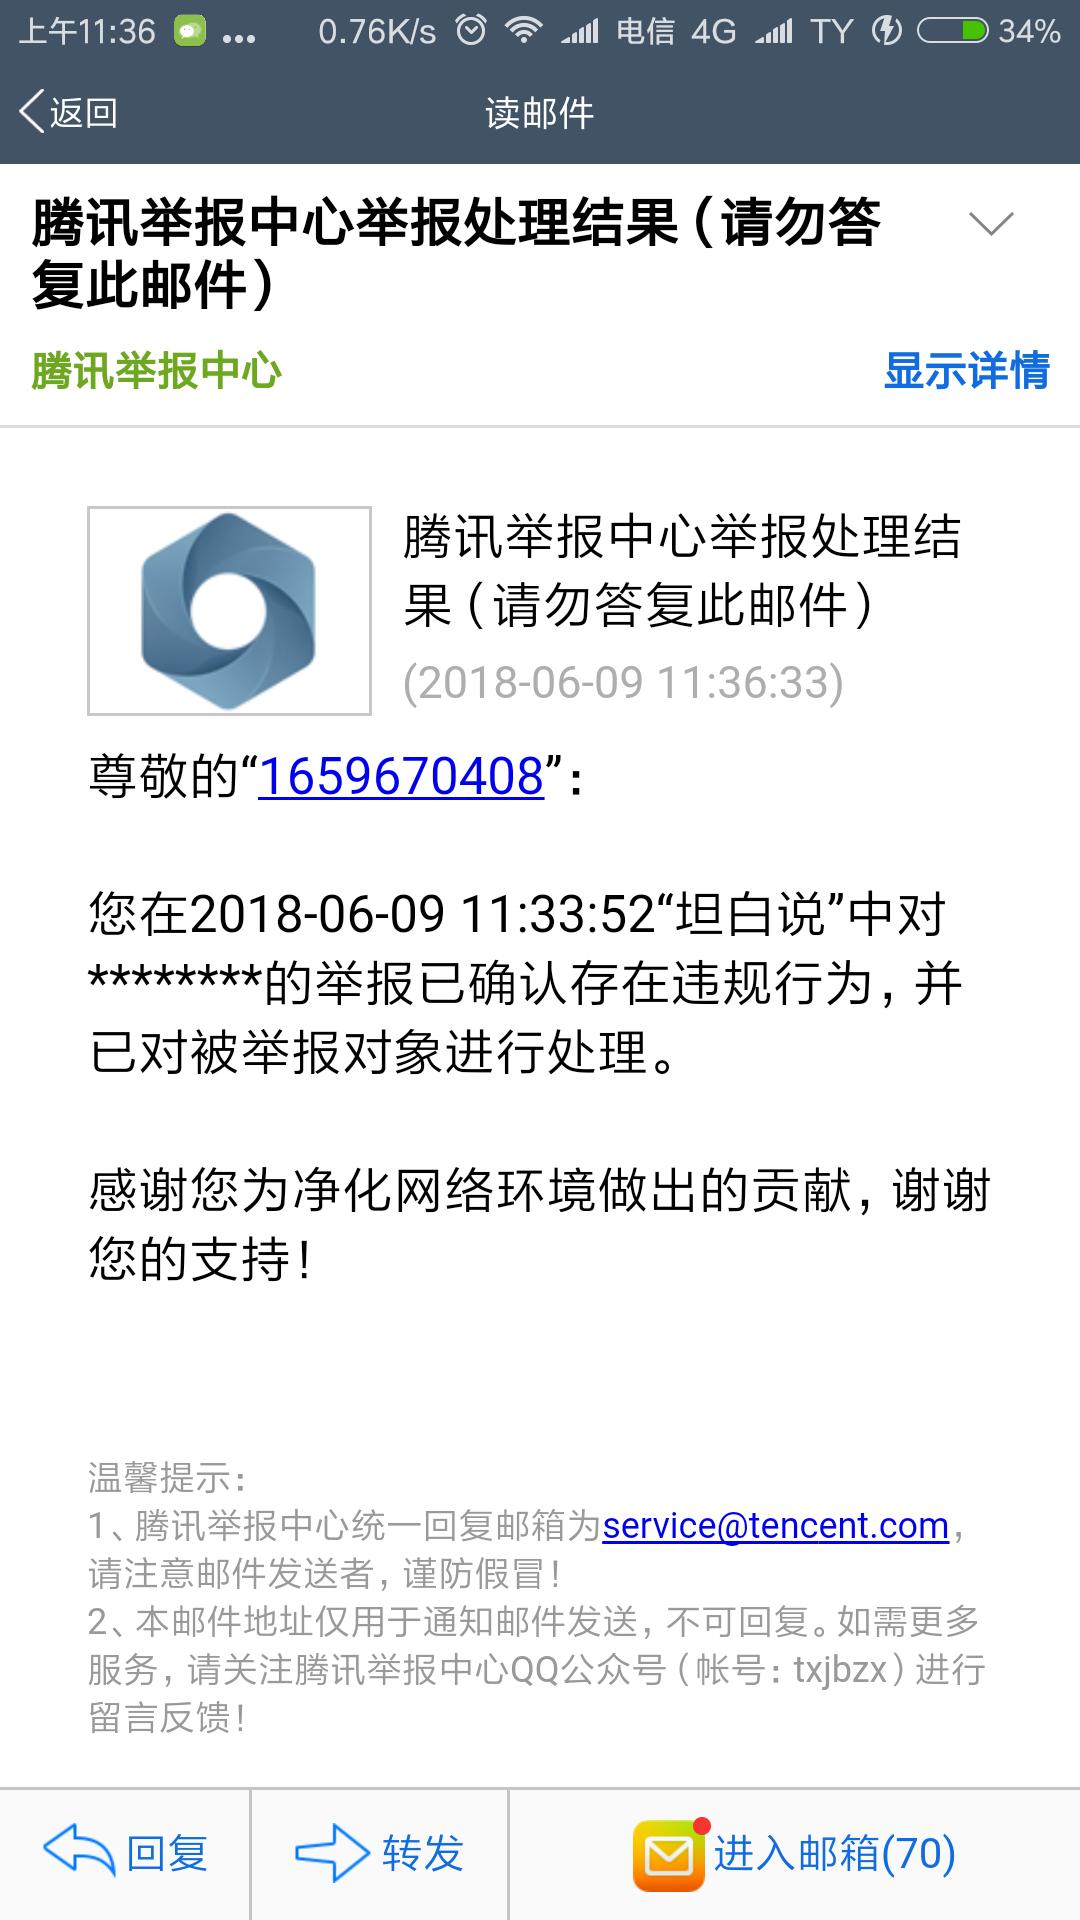 最新的QQ坦白说和空间小密查询发送者QQ的方法